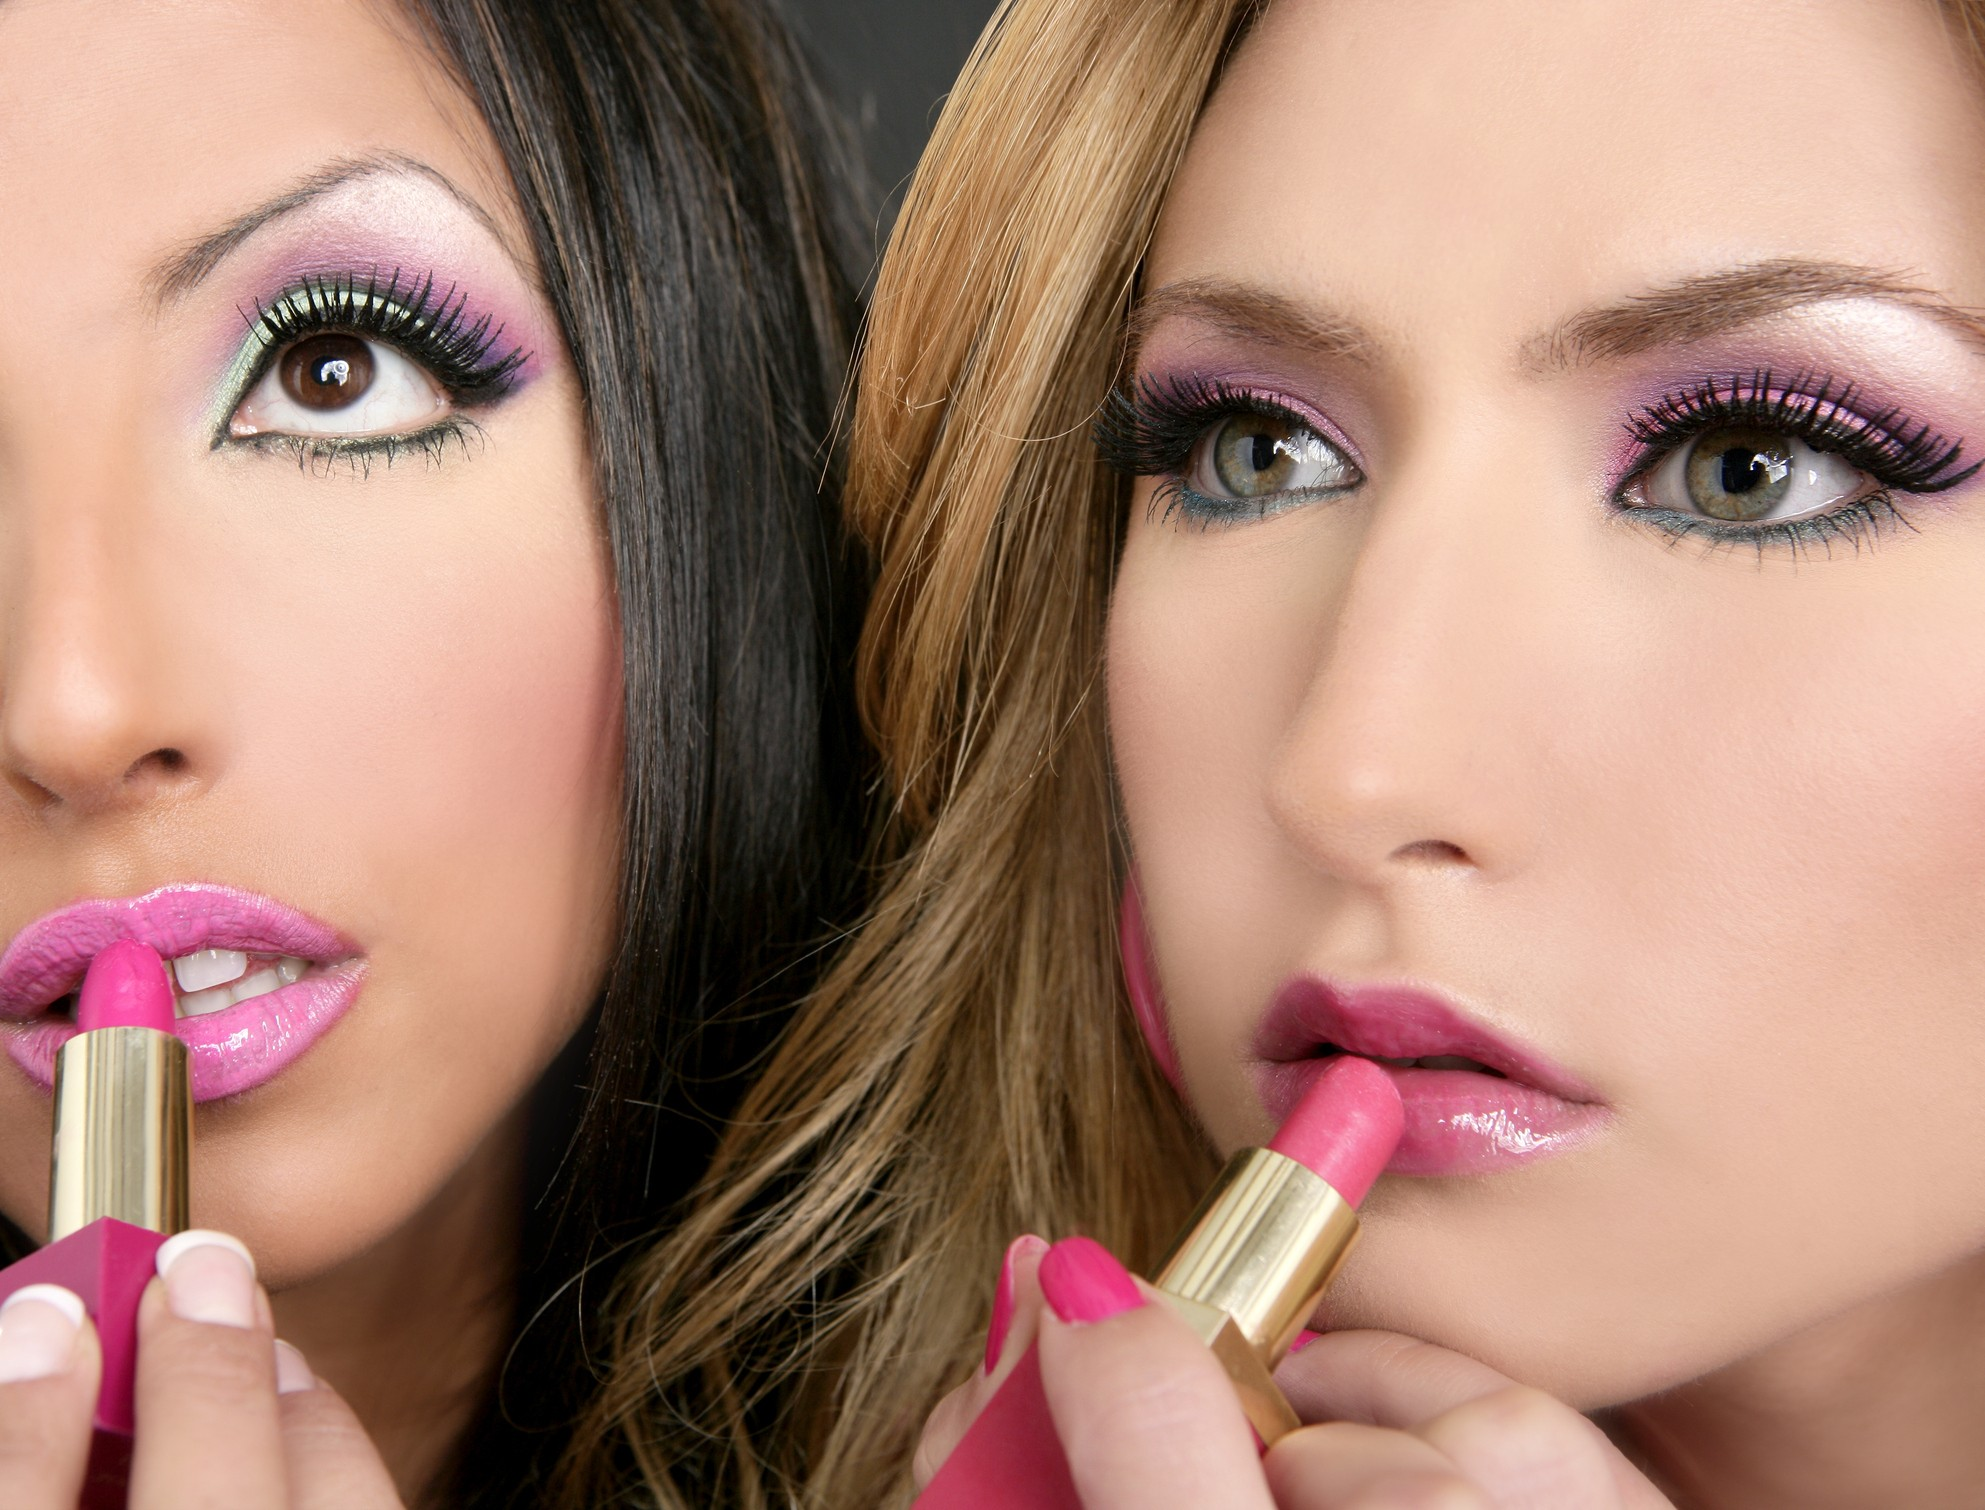 Heavy 80s makeup